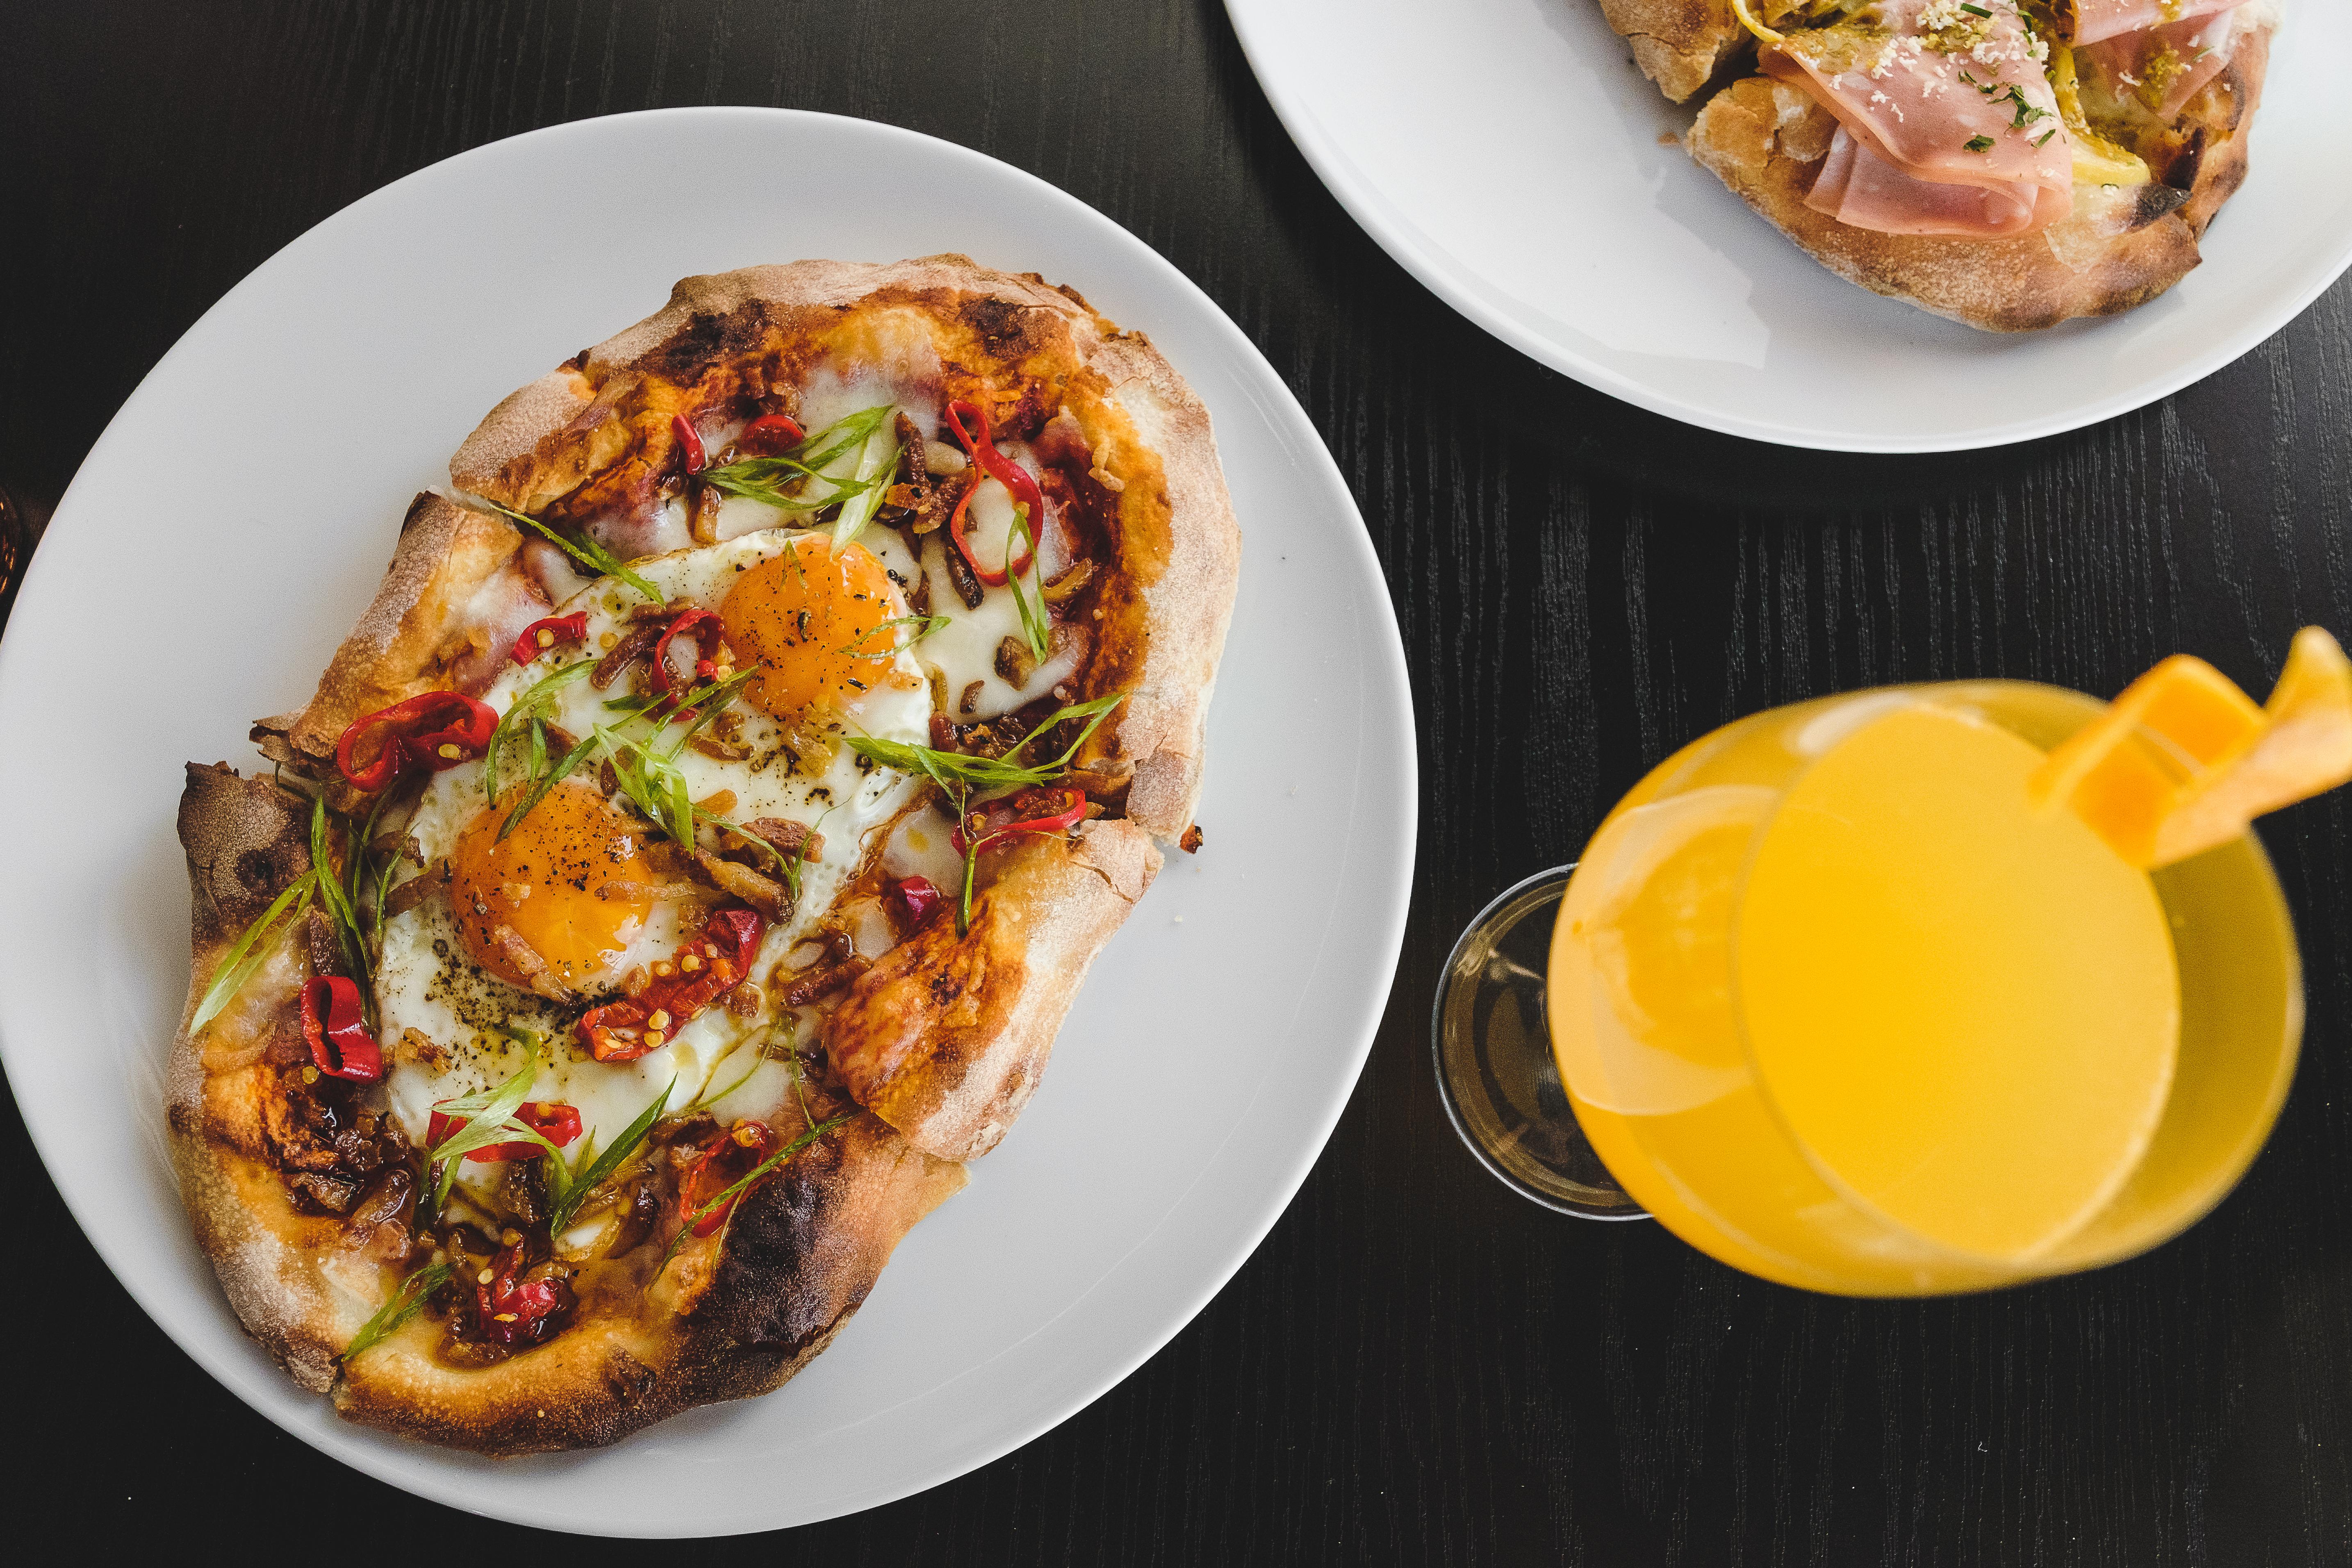 Locale Italian Kitchen's pane frattau pizza